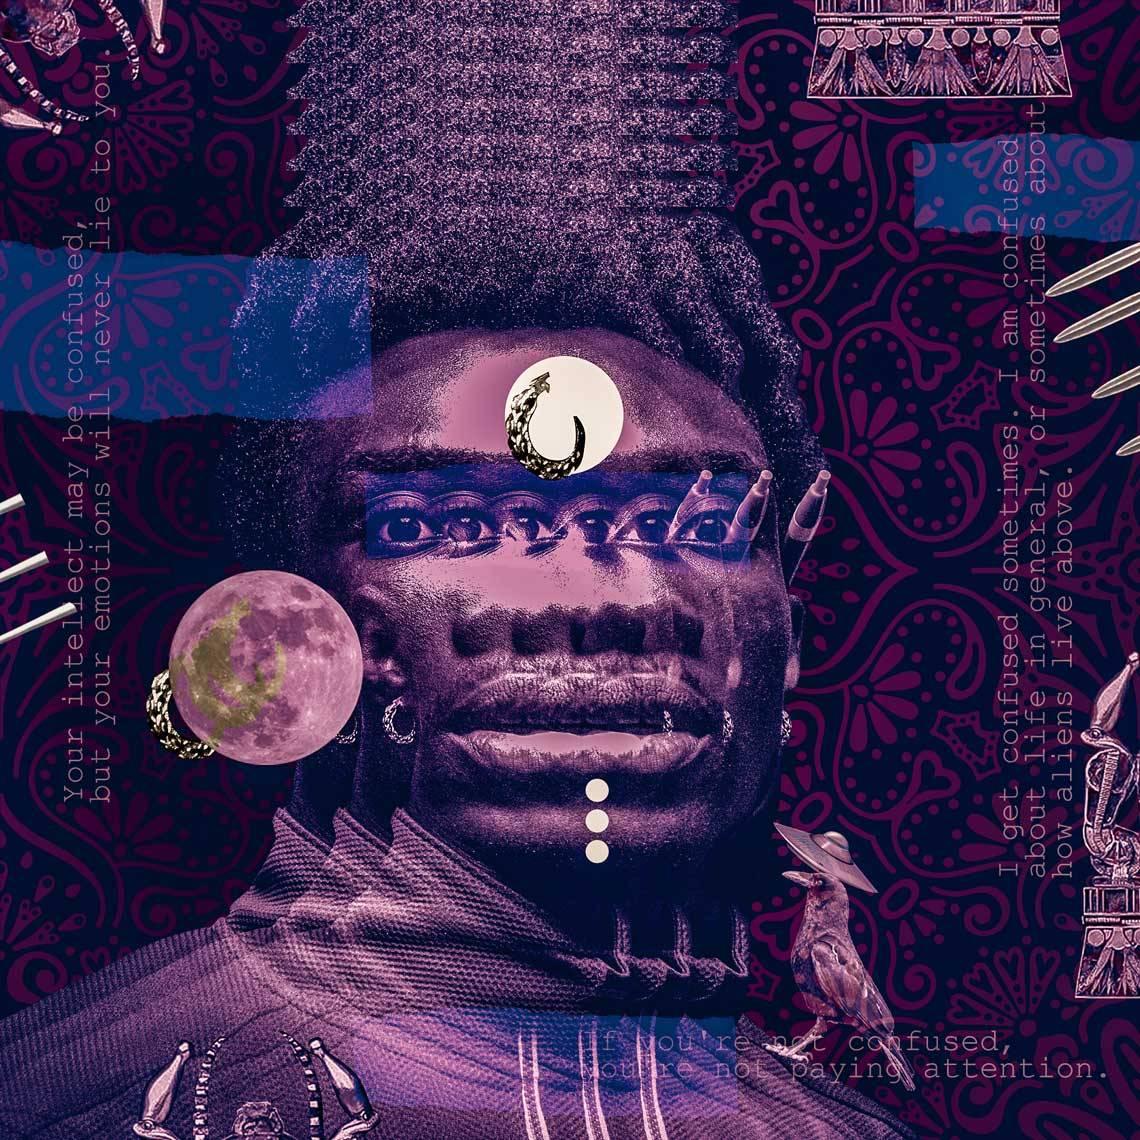 afrofuturism-collages-of-kaylan-m-2.jpg